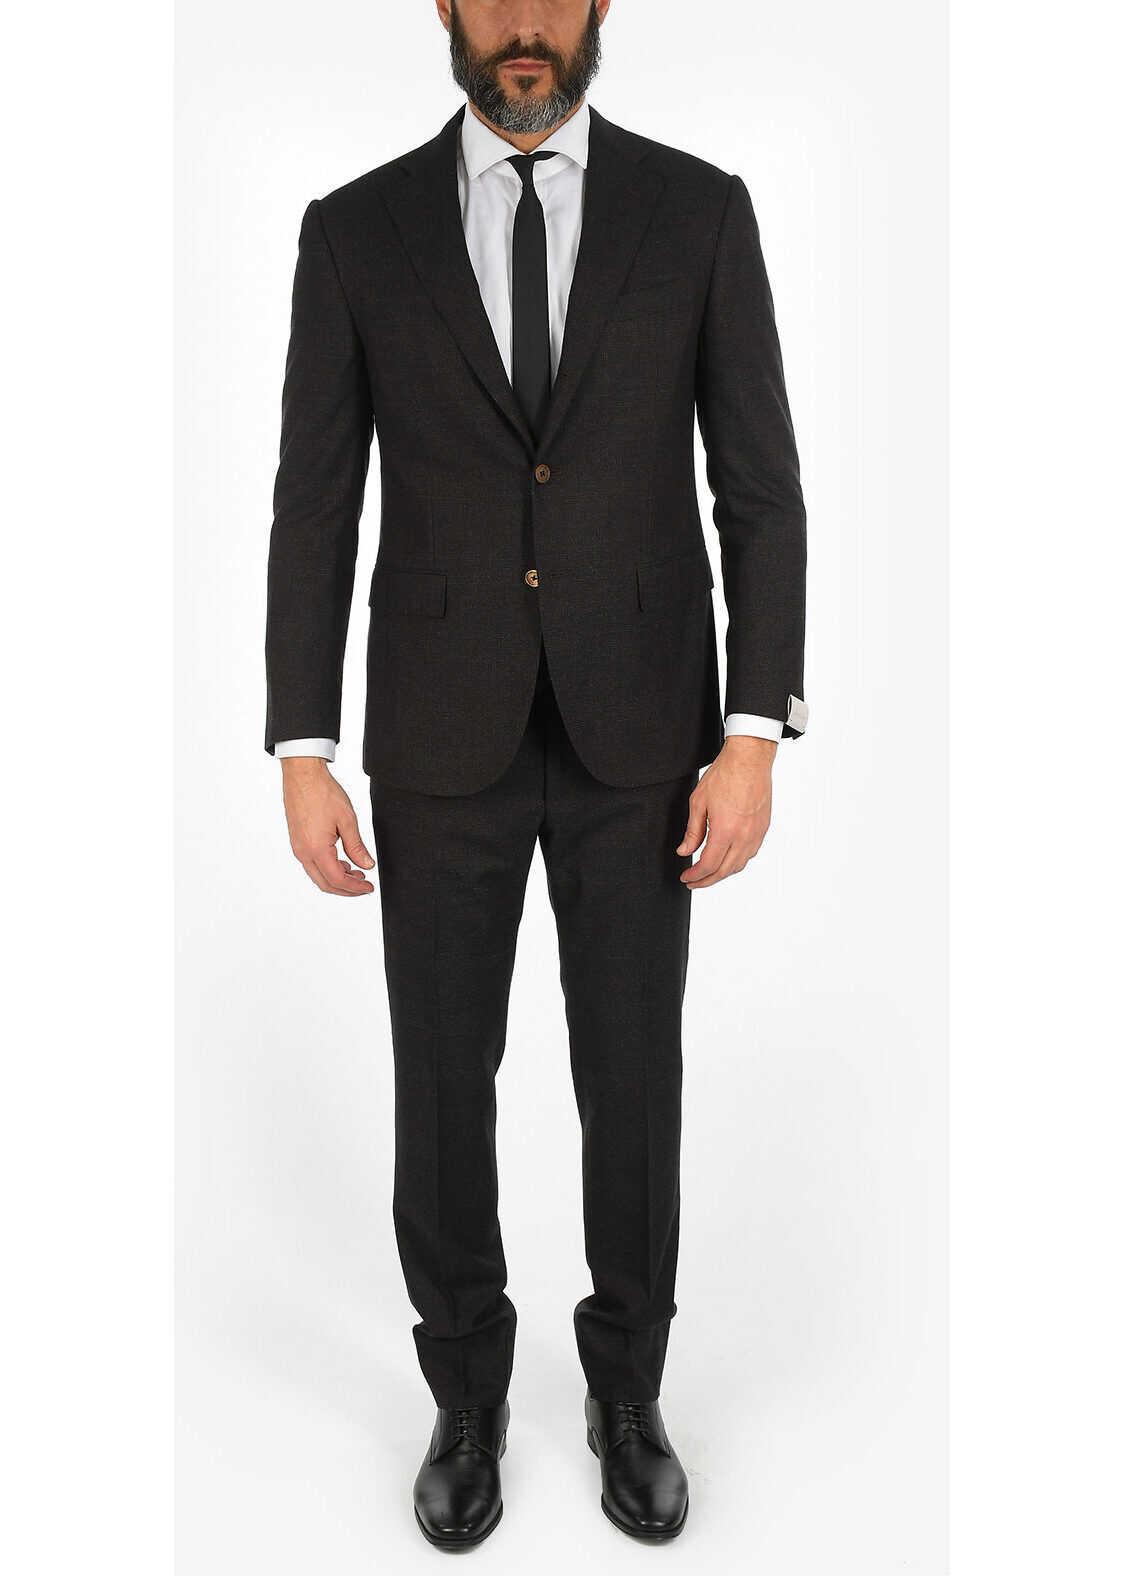 CORNELIANI drop 6R ACADEMY 3-button suit GRAY imagine